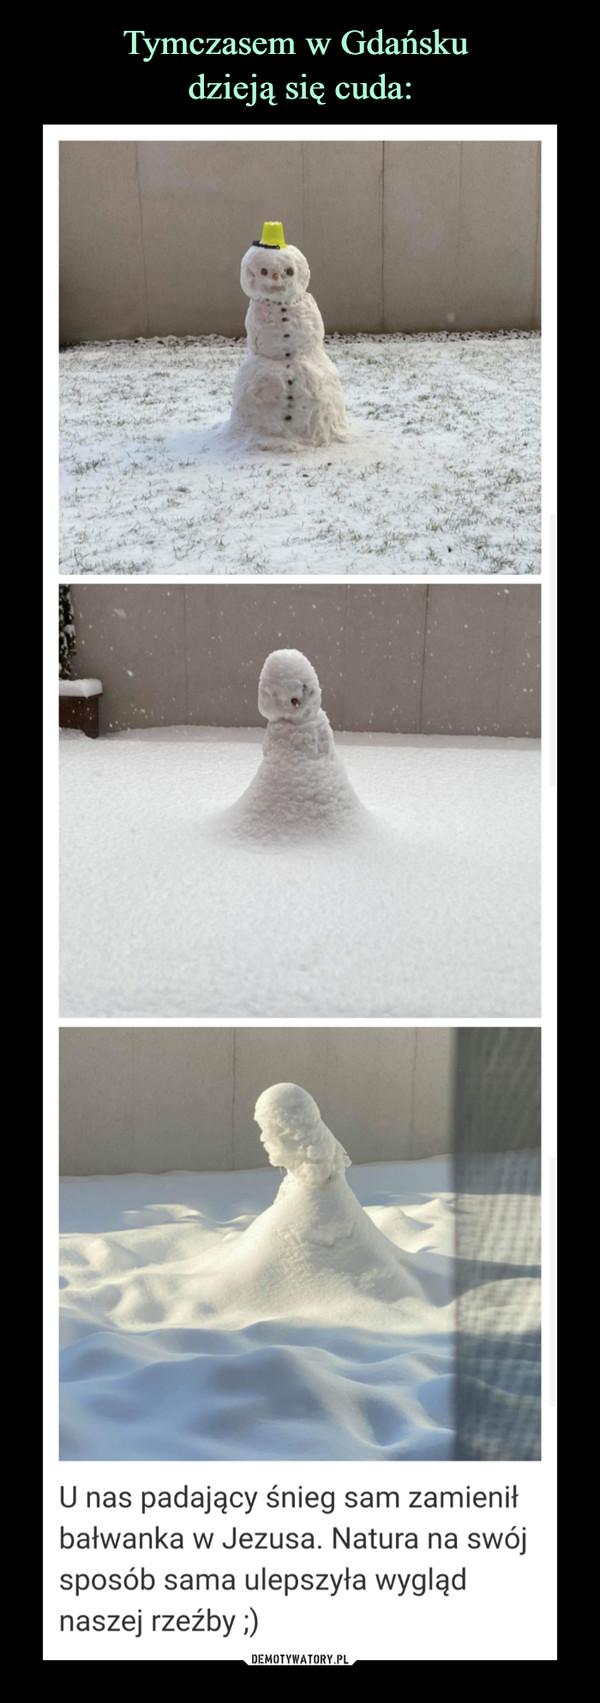 –  U nas padający śnieg sam zamieniłbałwanka w Jezusa. Natura na swójsposób sama ulepszyła wyglądnaszej rzeźby;)